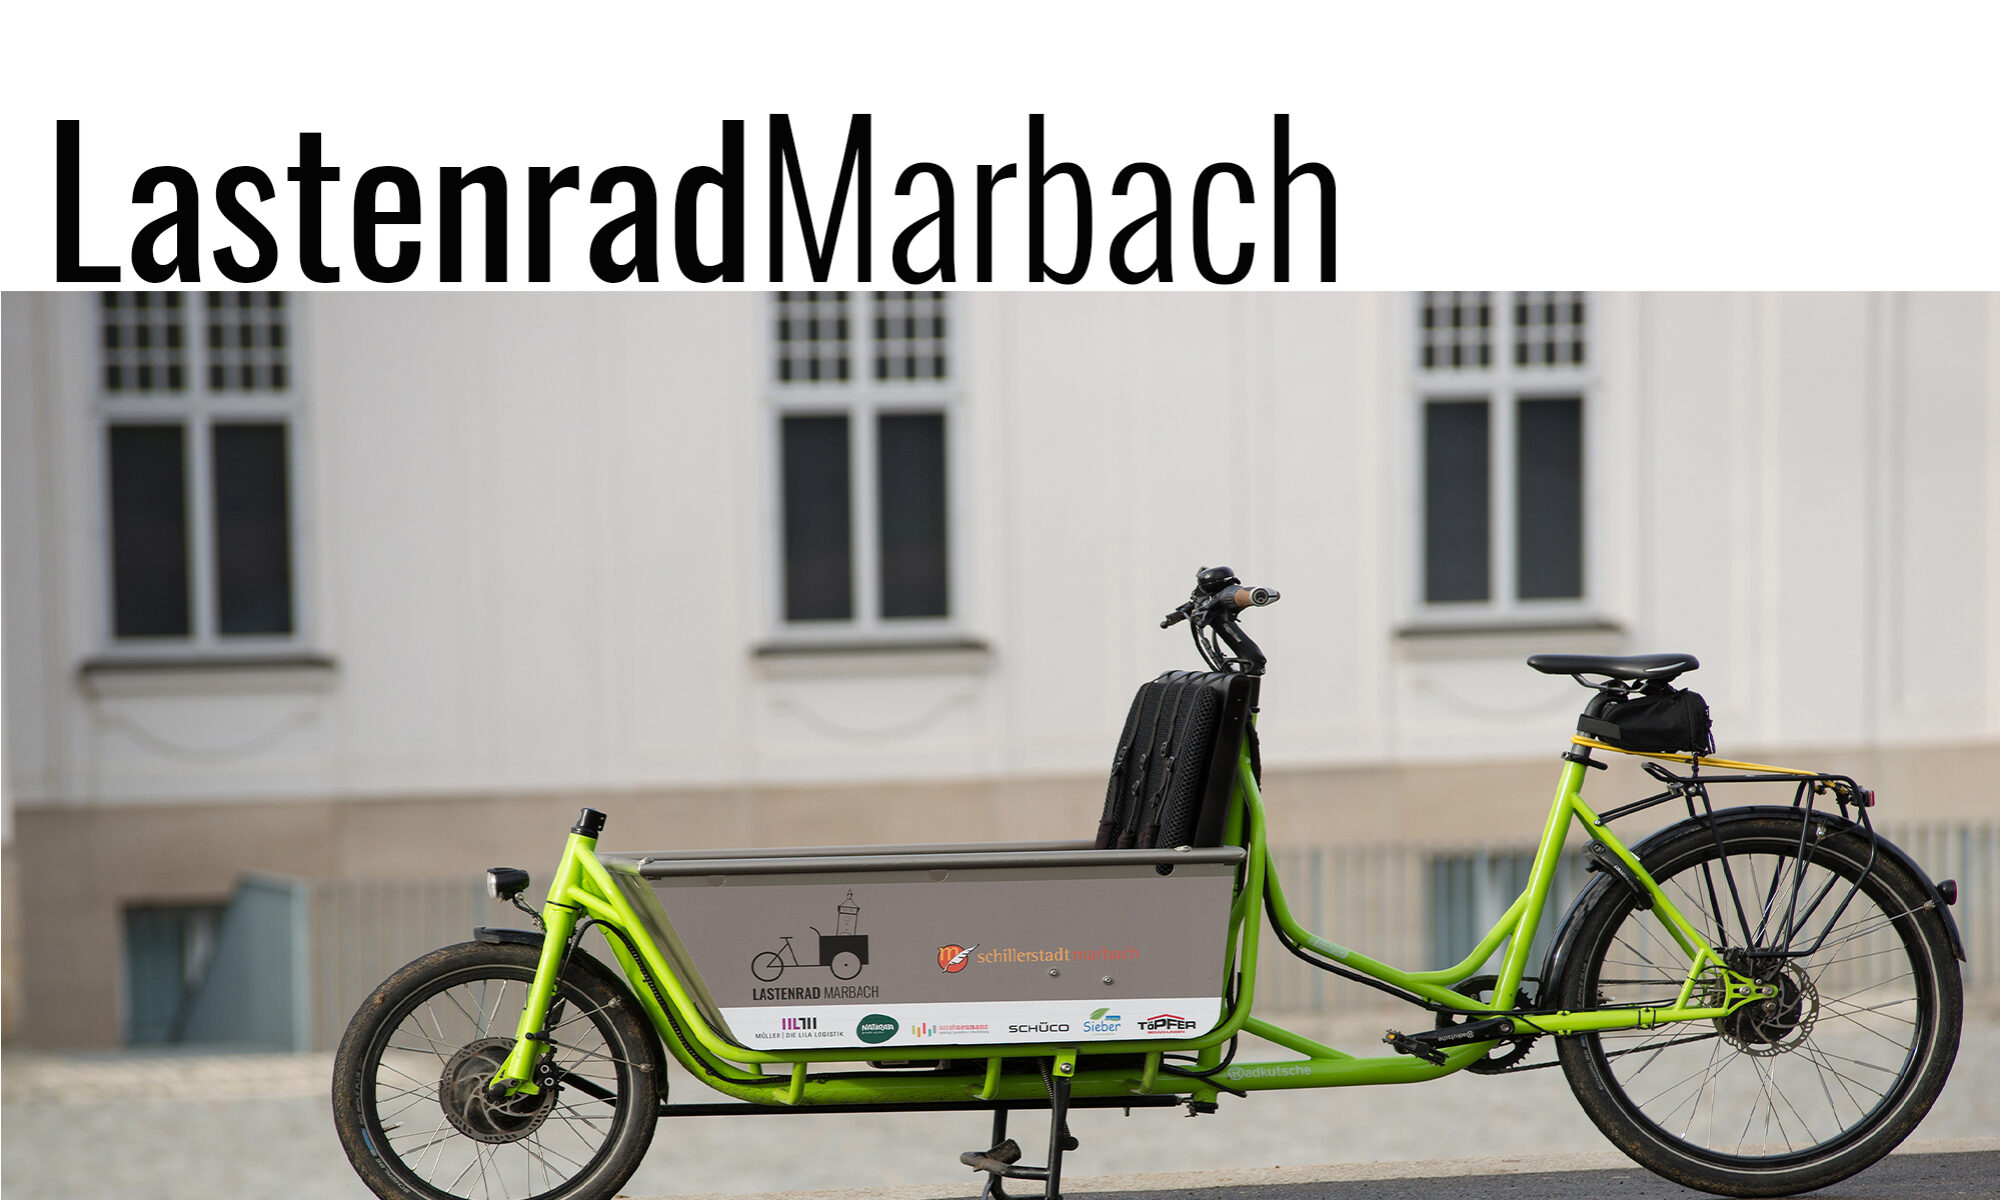 Lastenrad Marbach